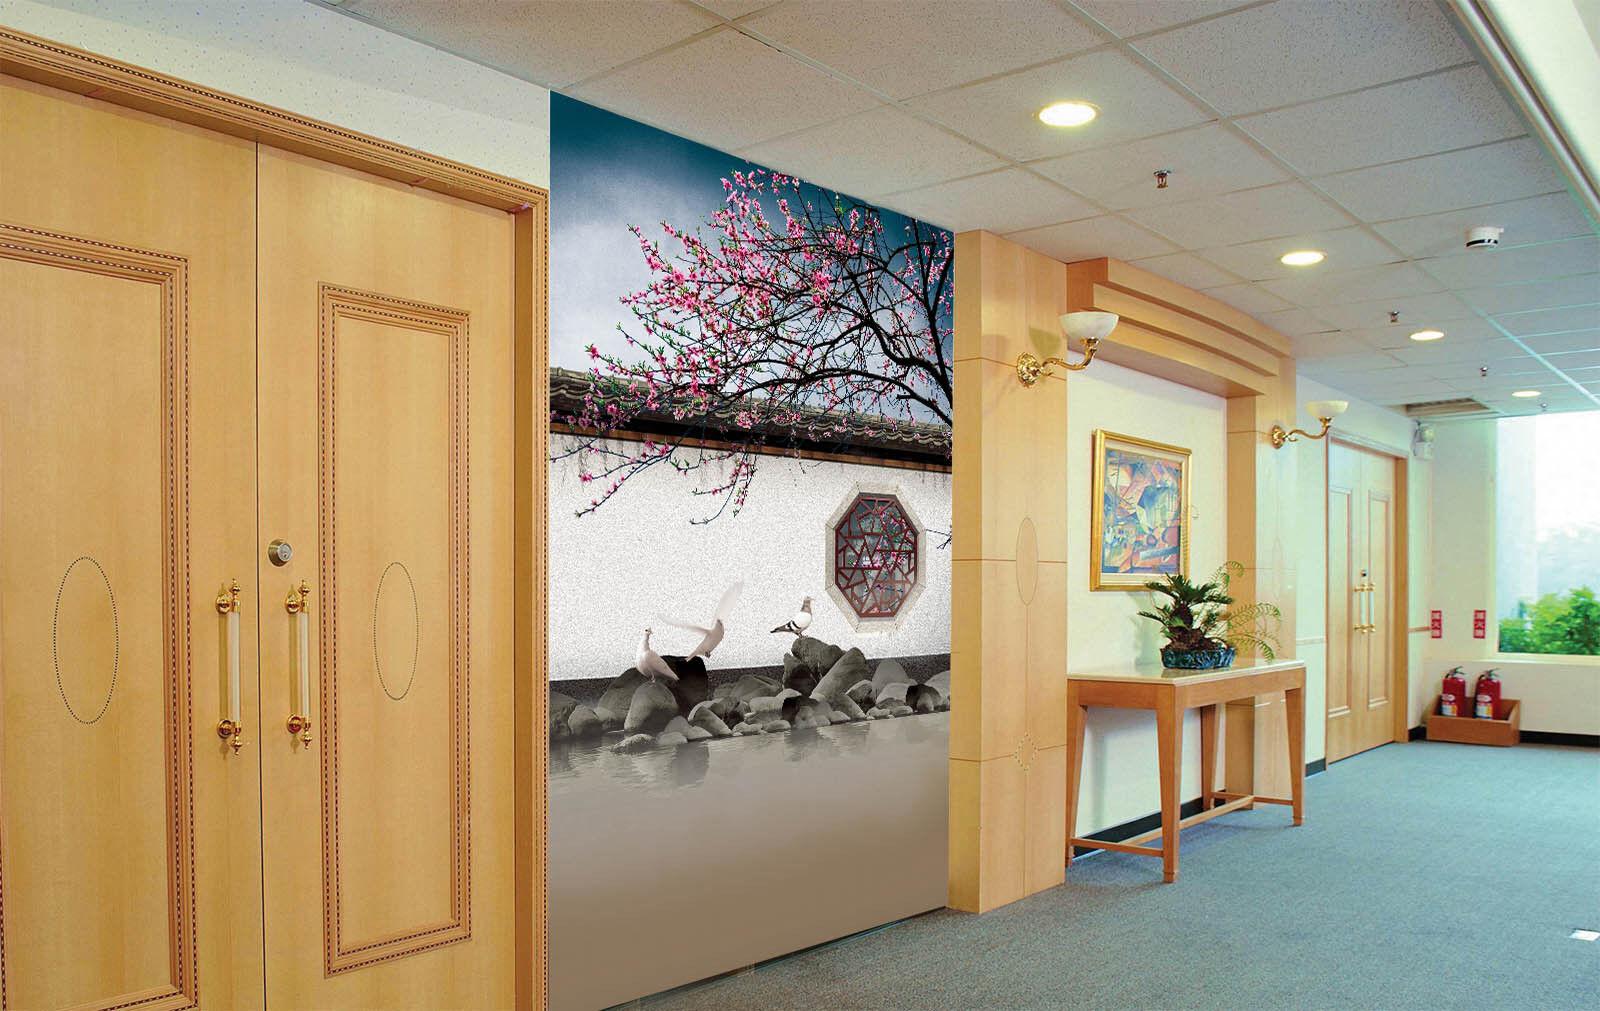 3D Garden Bird view 2832 Paper Wall Print Decal Wall Wall Murals AJ WALLPAPER GB